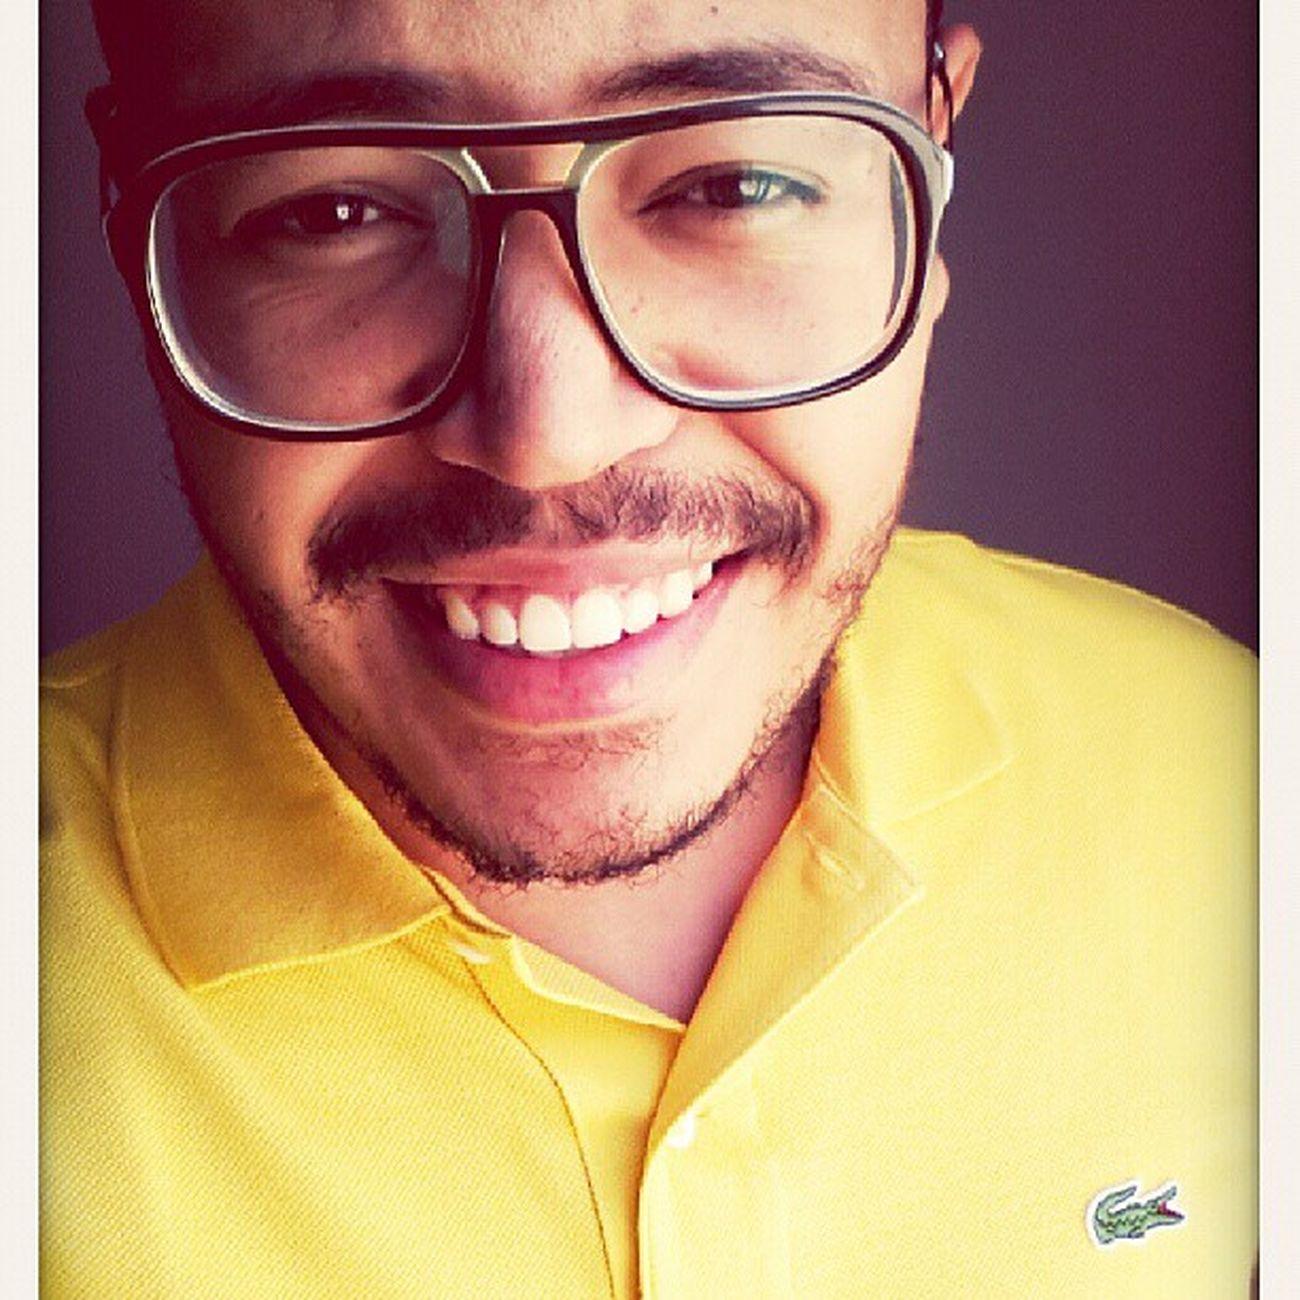 """""""Que o seu sorriso seja sincero, que as suas palavras sejam verdadeiras e que seu olhar seja profundo, porque só assim você conseguirá fazer seus dias melhores do que o dos outros."""" PENSAMENTOS  SextaLindaaa Smile VaiMostraEsseSeuSorriso Bdia YellowBoy GodIsGood"""